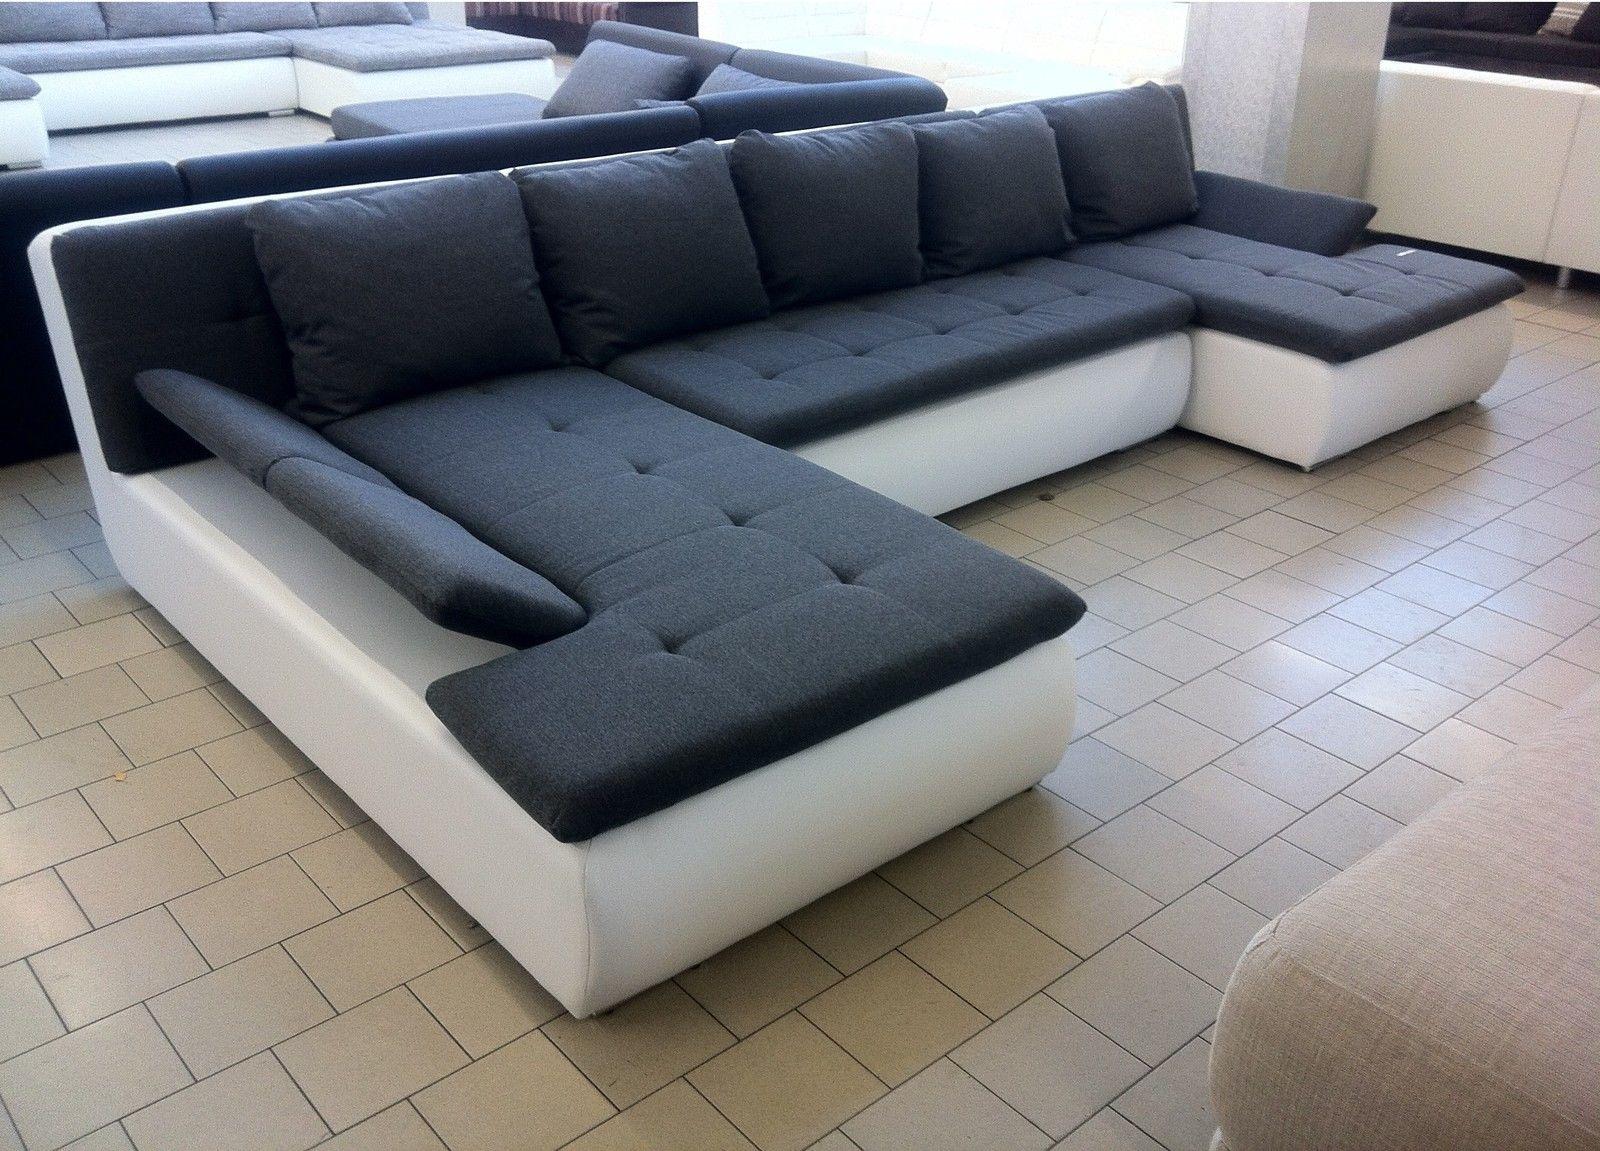 Full Size of Günstige Sofa Qualitt Togo Elektrisch Betten 140x200 Big Xxl Günstiges Bett Ohne Lehne Hersteller 180x200 München überwurf Leder Sofa Günstige Sofa